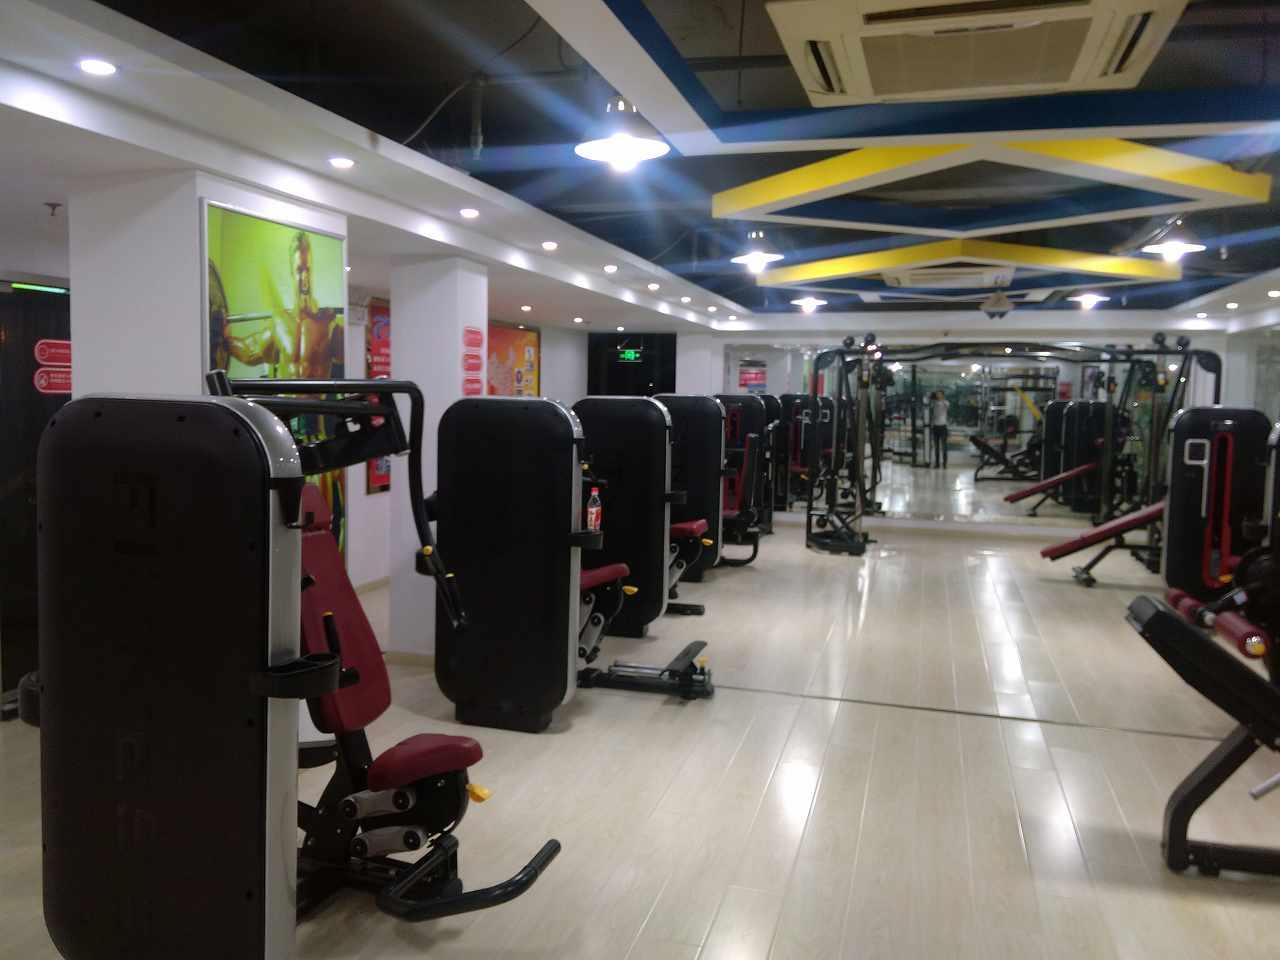 健身房人员配置组织与结构